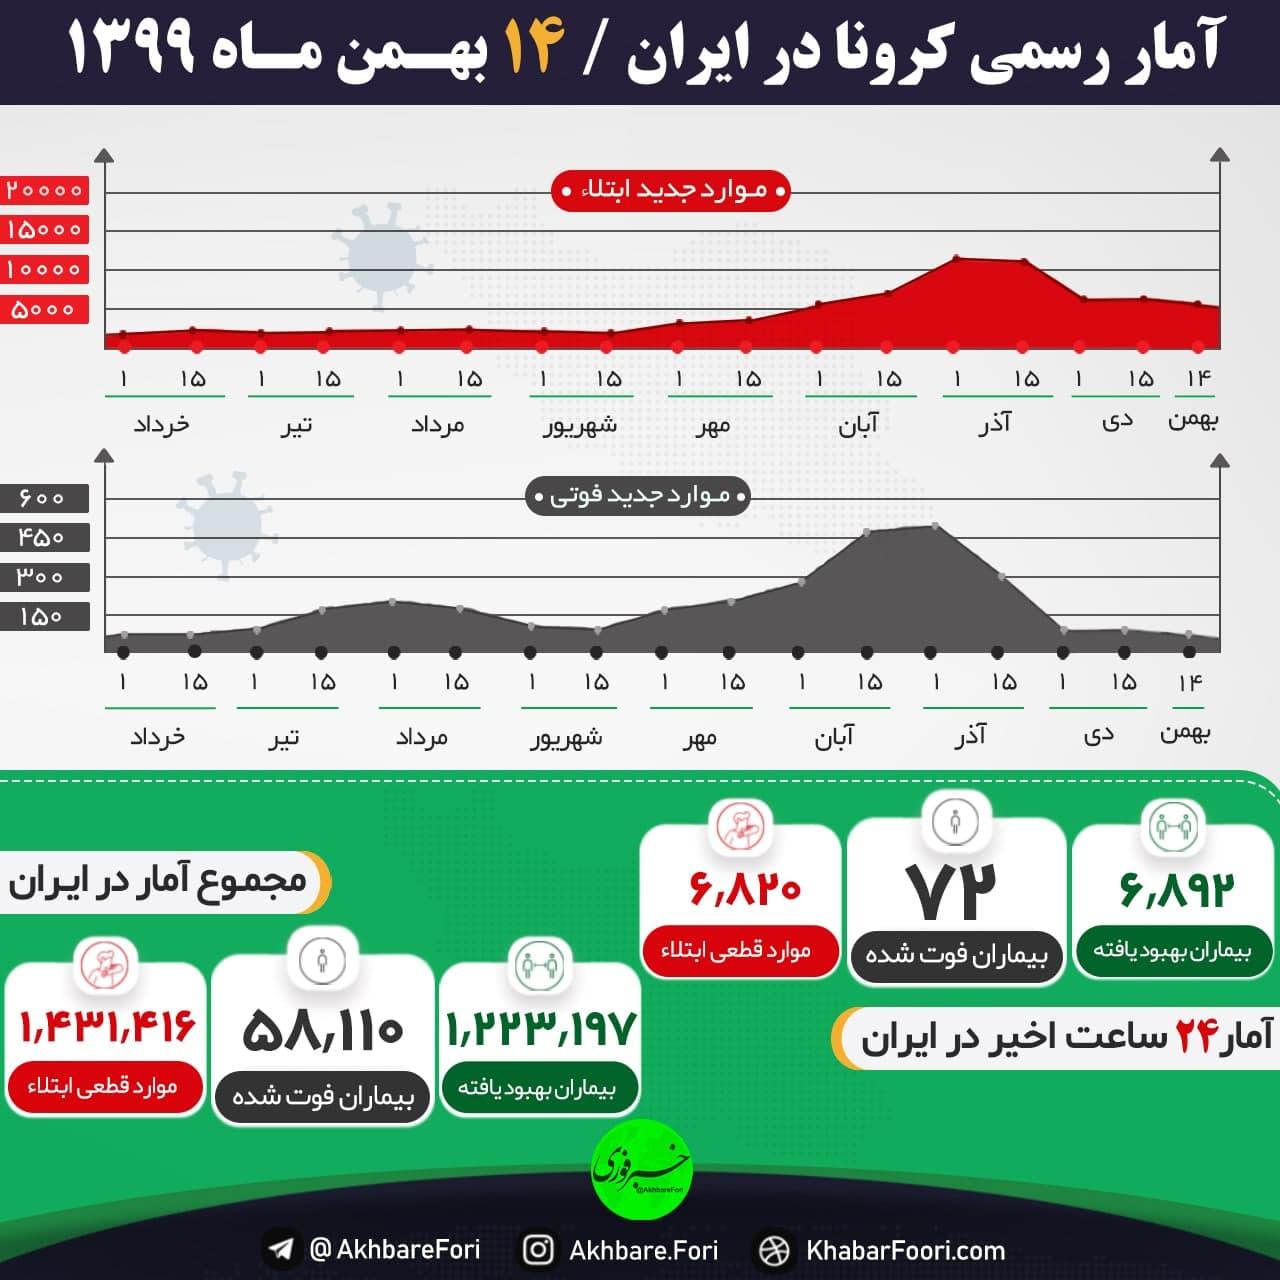 آخرین آمار کرونا در ایران/ جان باختن ۷۲ هموطن